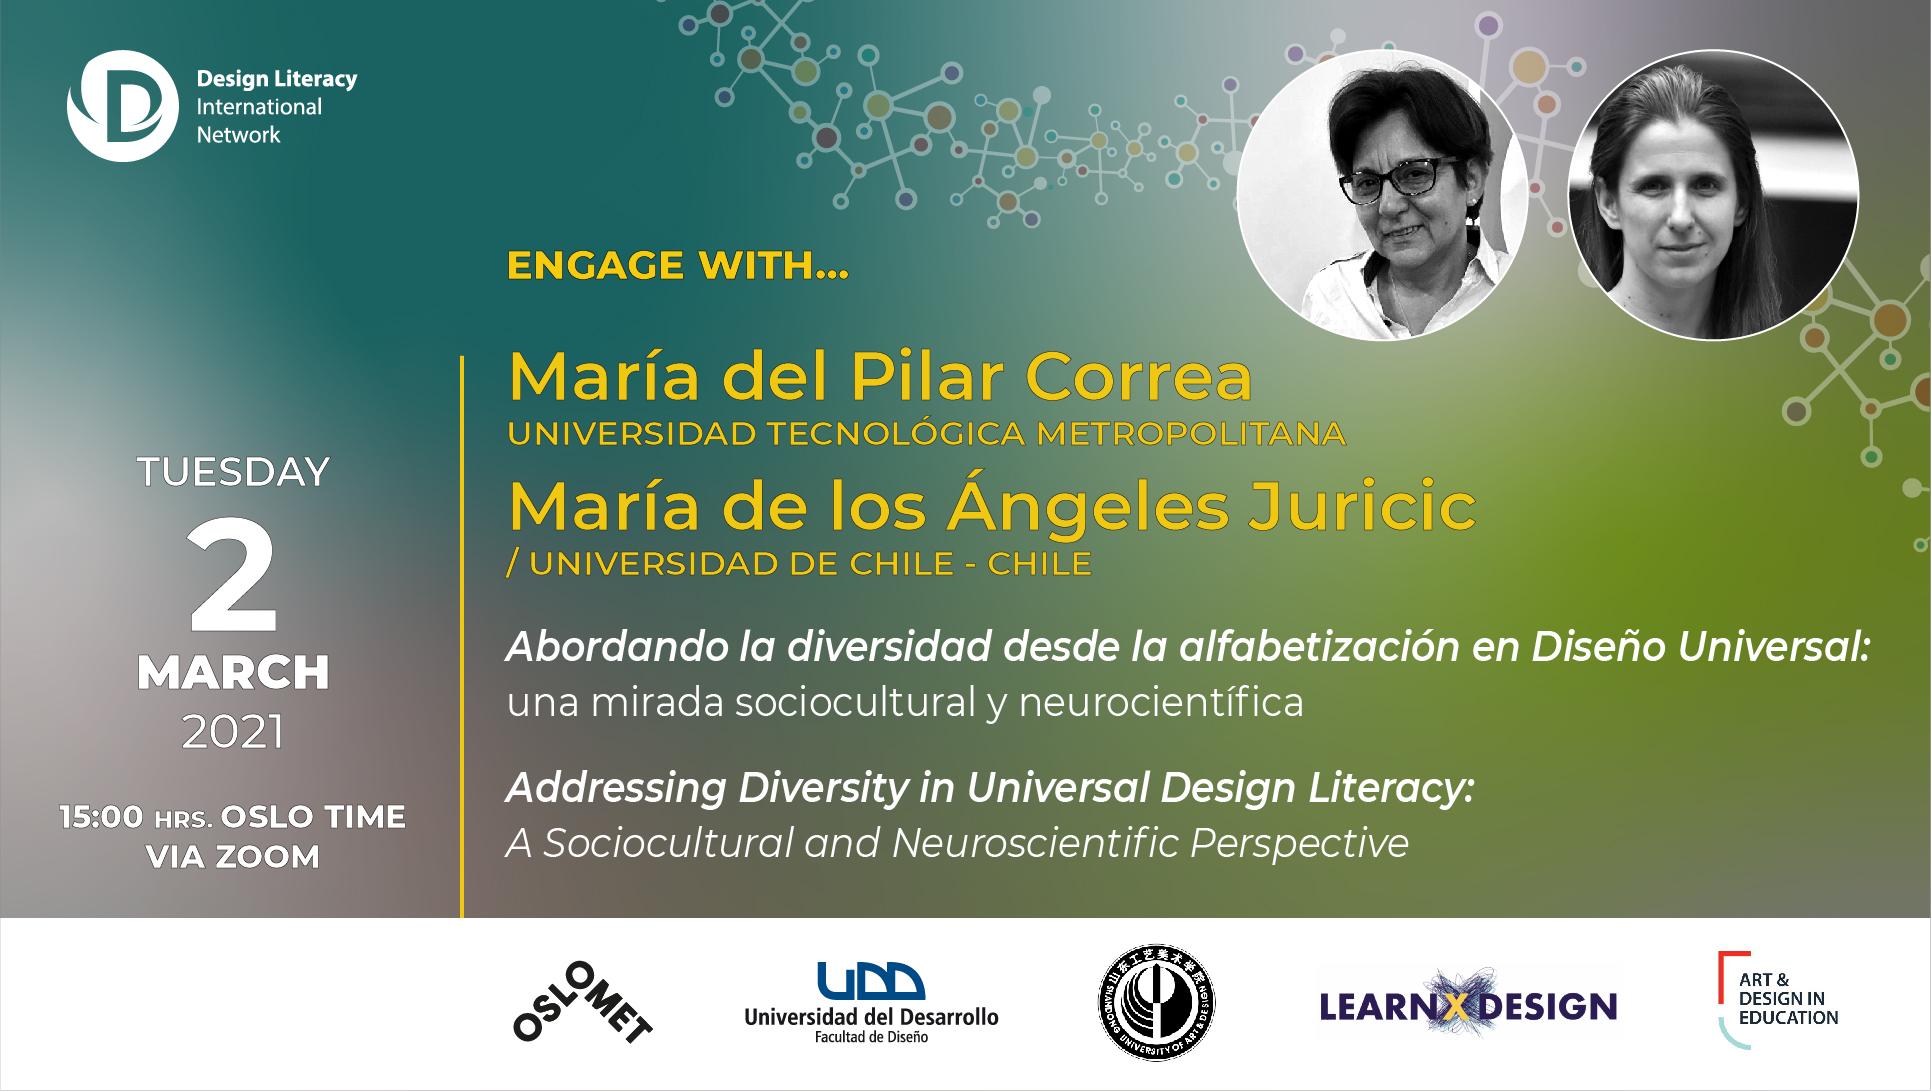 Engage with María del Pilar Correa & María de los Ángeles Juricic | Event Archive